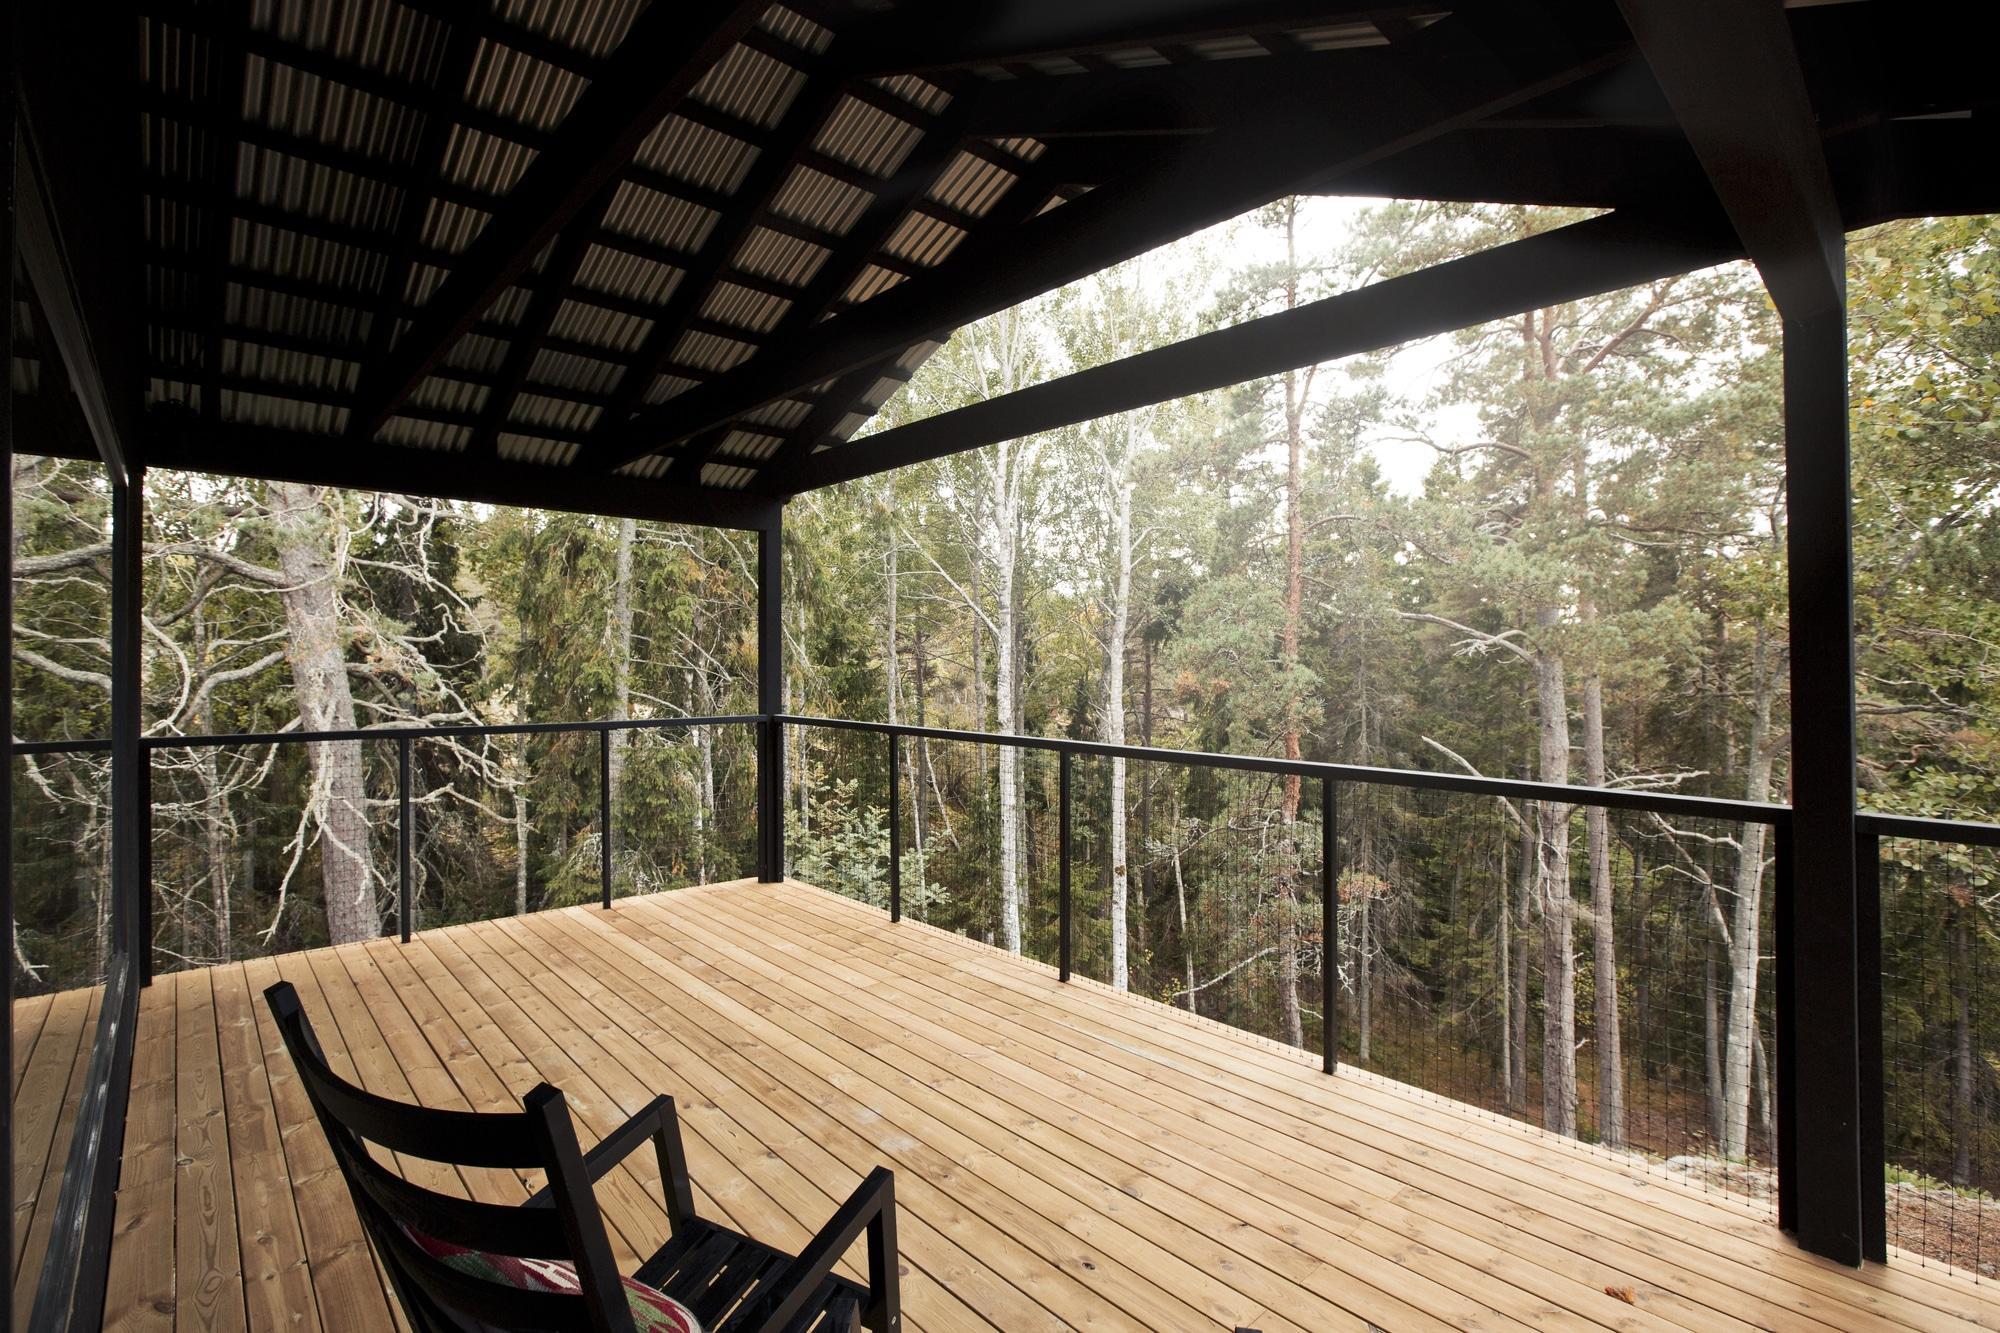 Dise 241 O De Casa Peque 241 A De Madera Fachada Planos Interior Construye Hogar